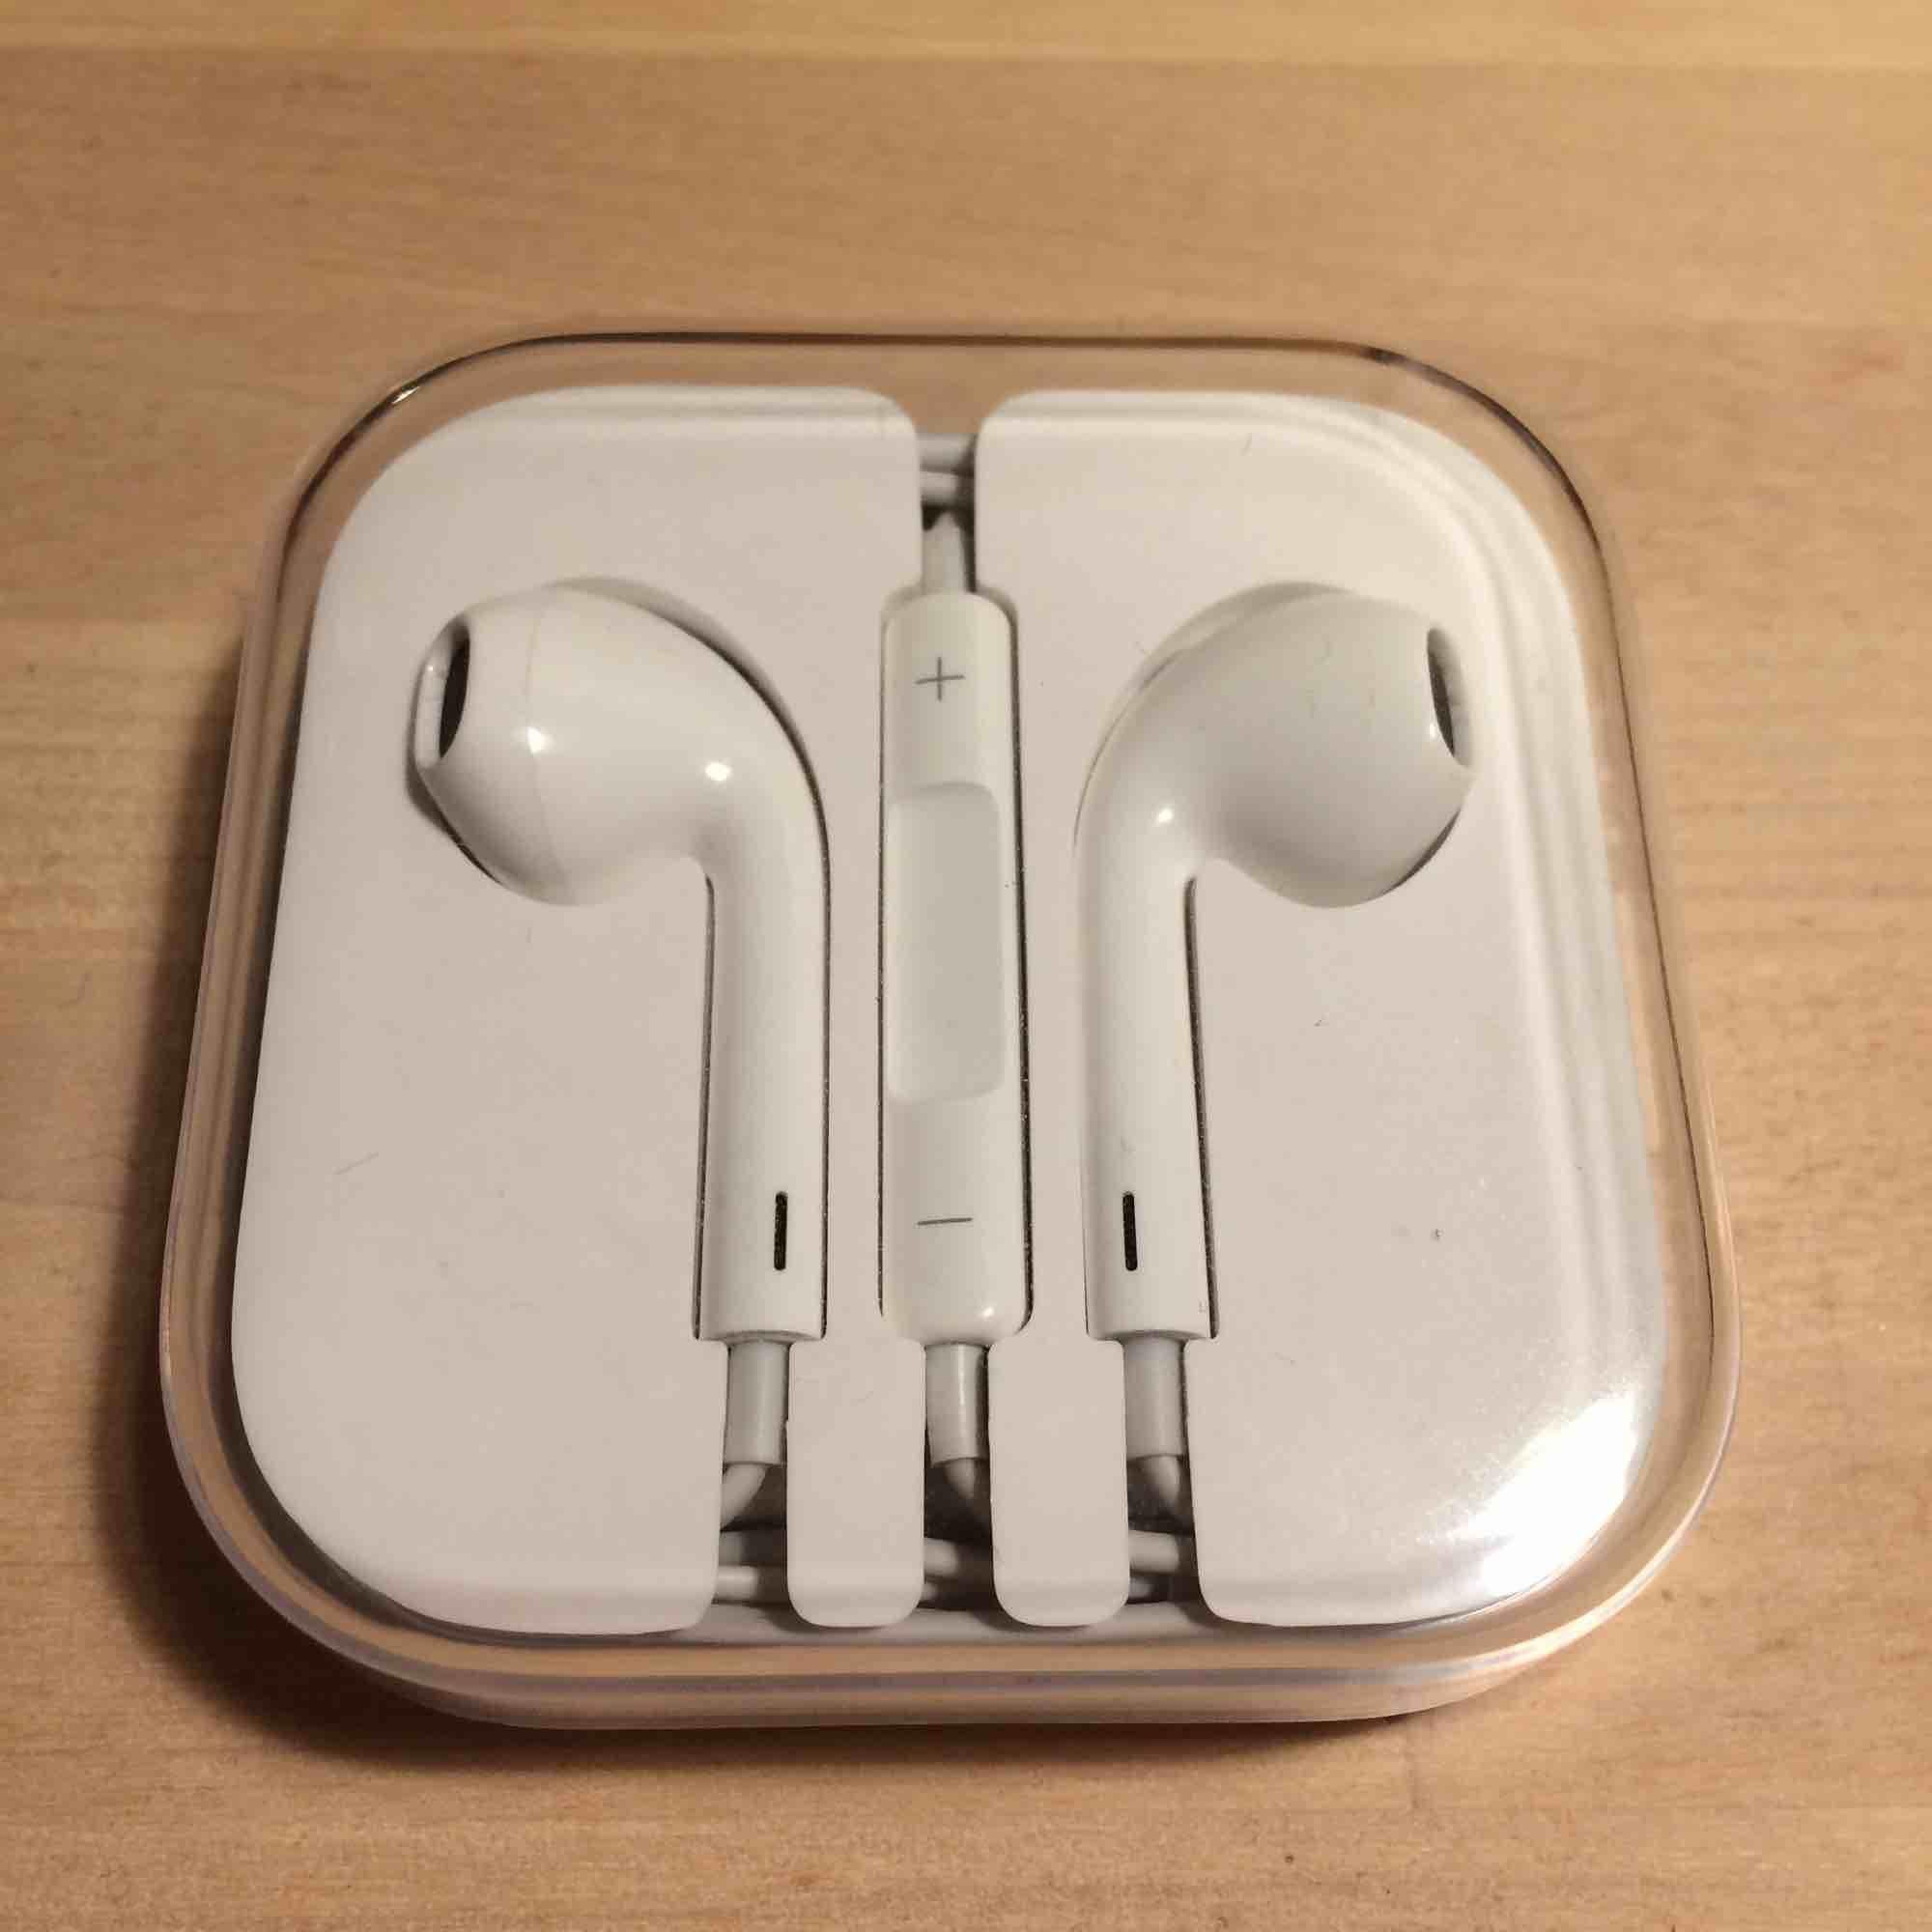 Säljer ett par fejk-Apple hörlurar. Var inte medveten om det när jag köpte dom. Lever inte upp till riktiga Apple hörlurar men funkar! Nypris var 149kr. Bjuder på frakten!             Till iPhone 5. OBS: Endast provade . Accessoarer.